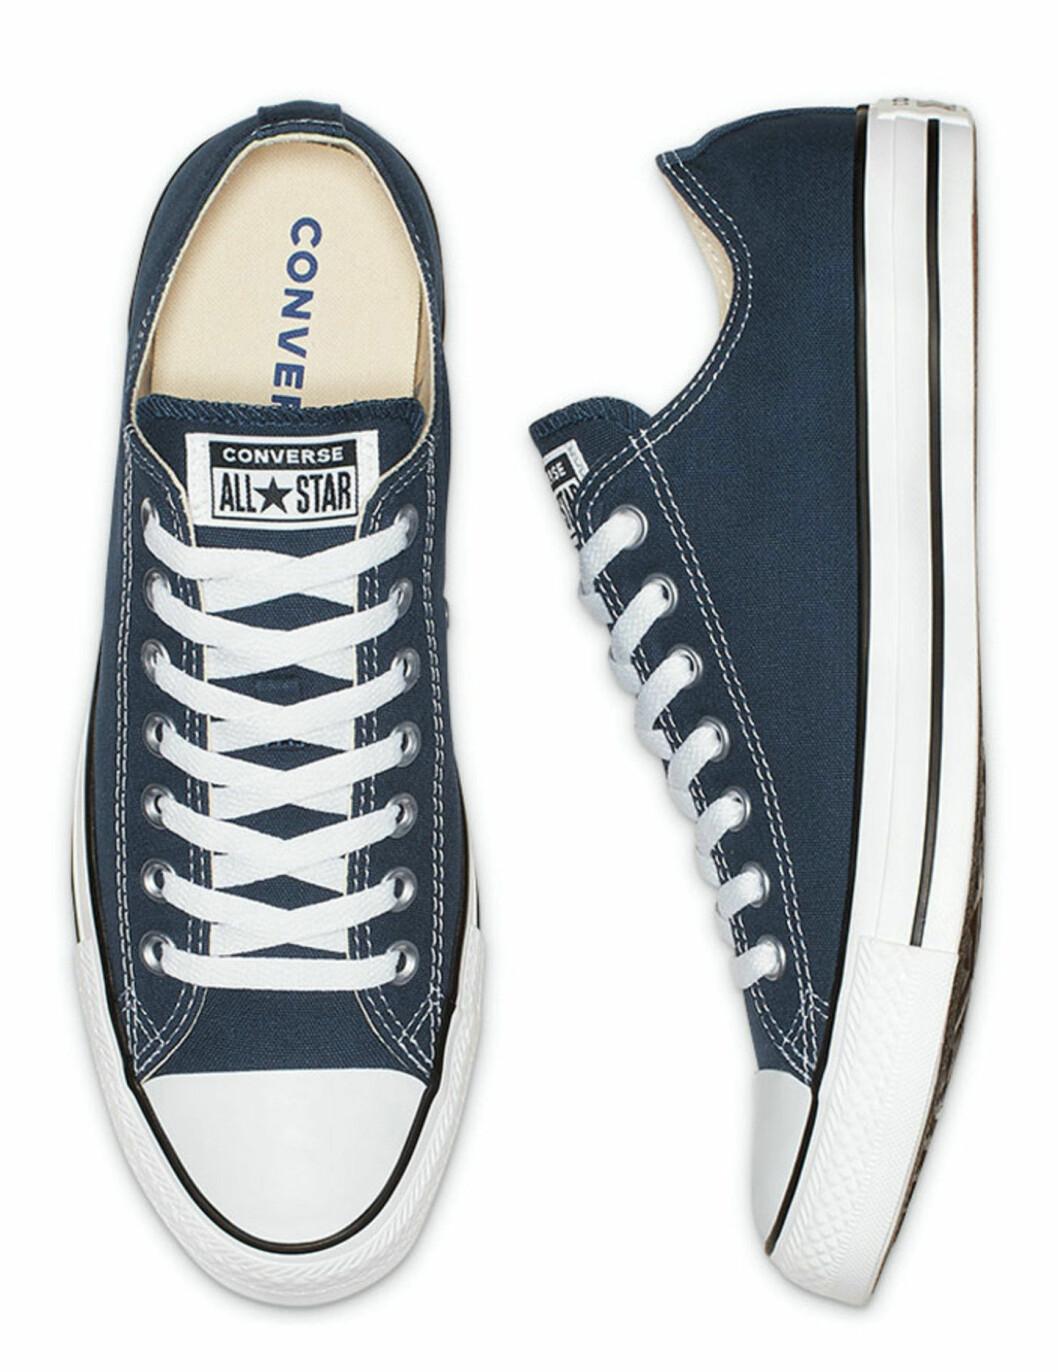 Låga sneakers i mörkblå från Converse.